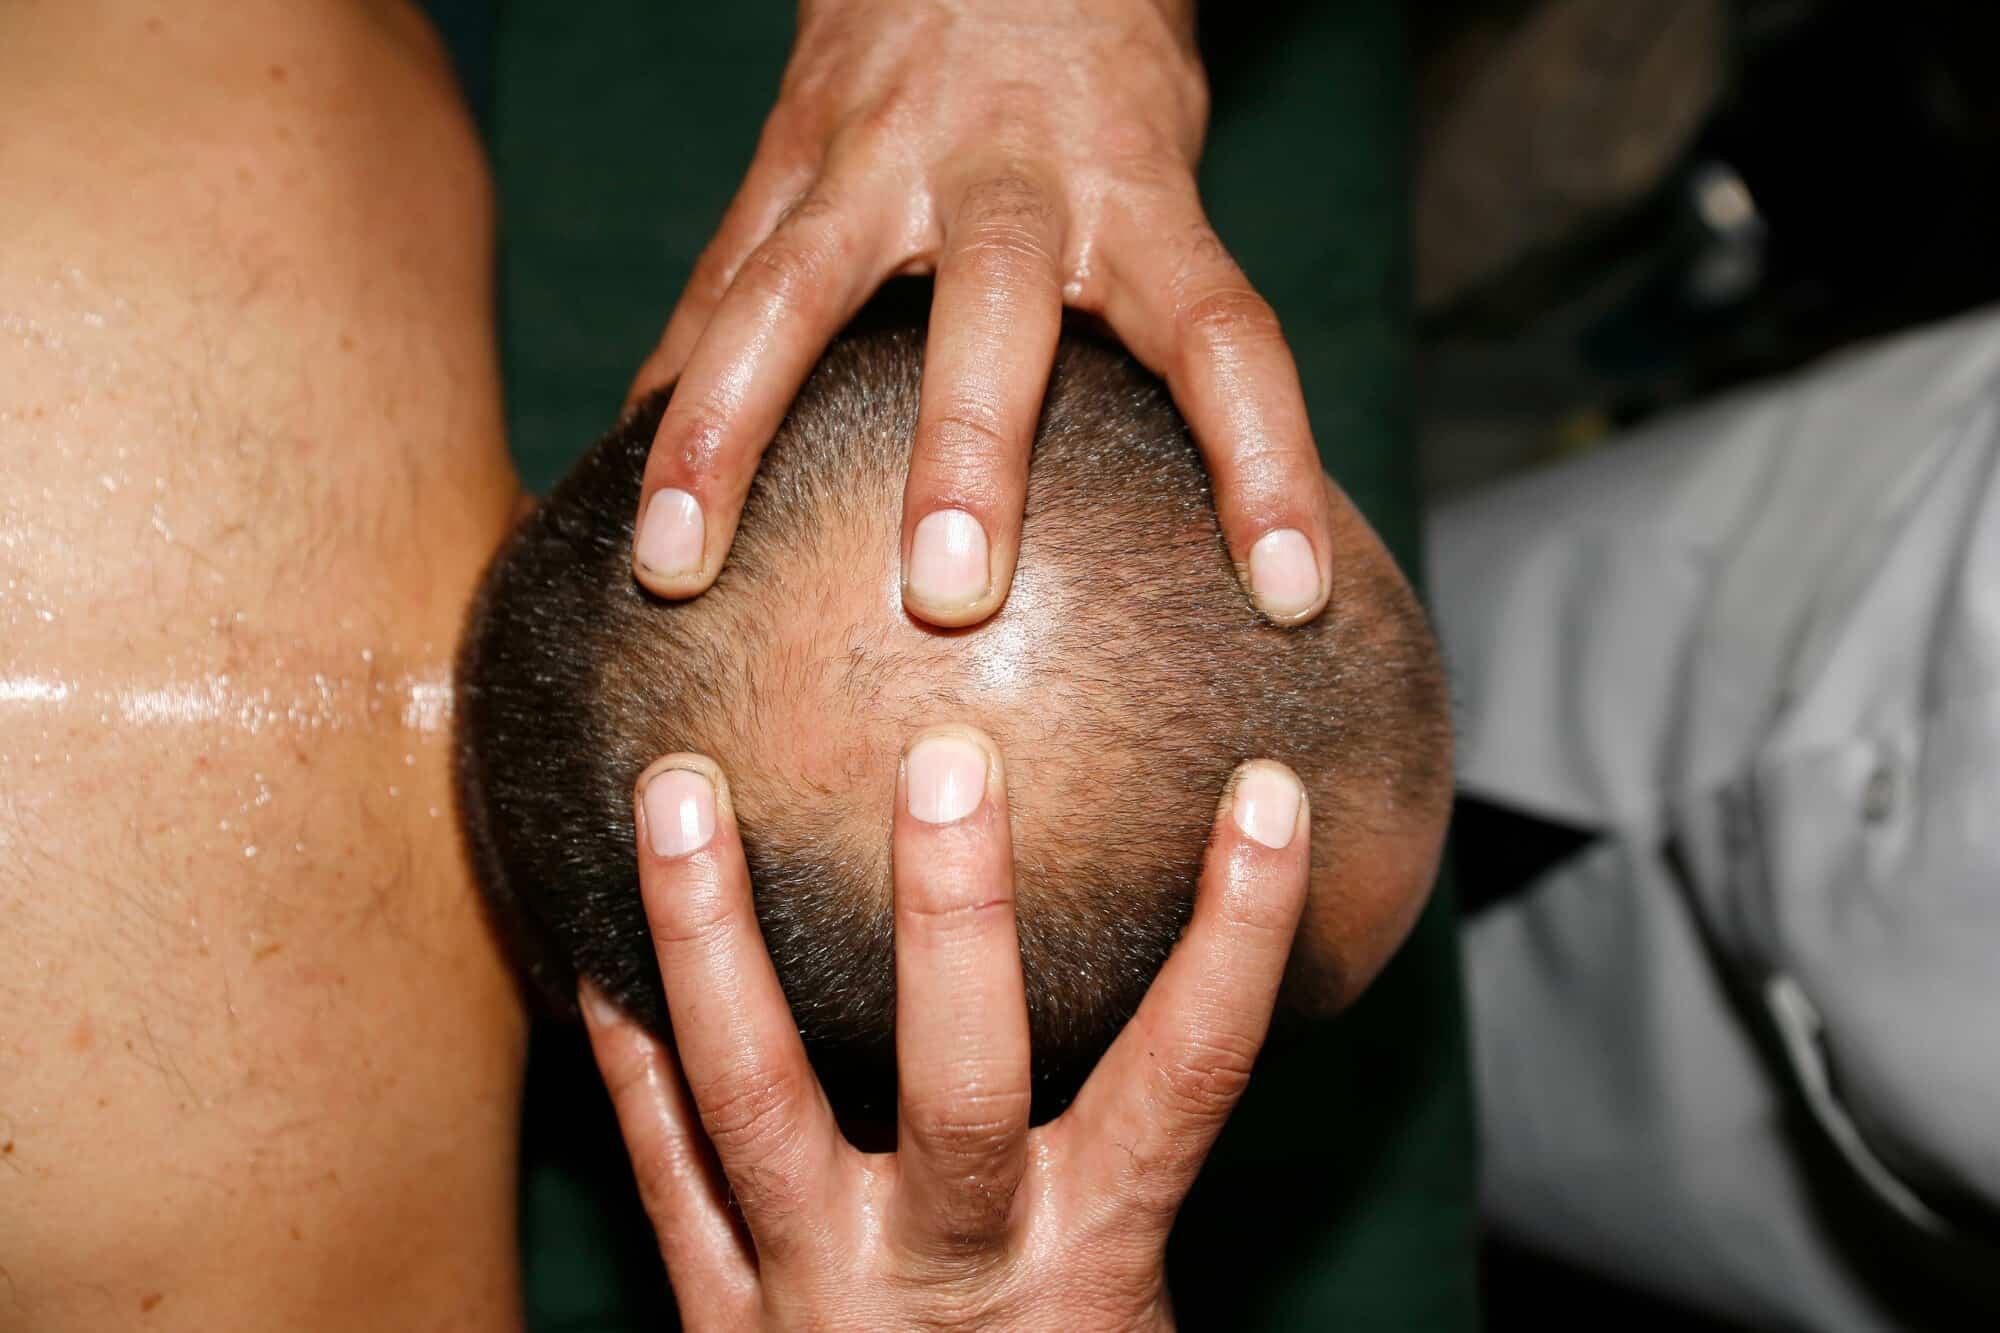 man getting an Indian head massage